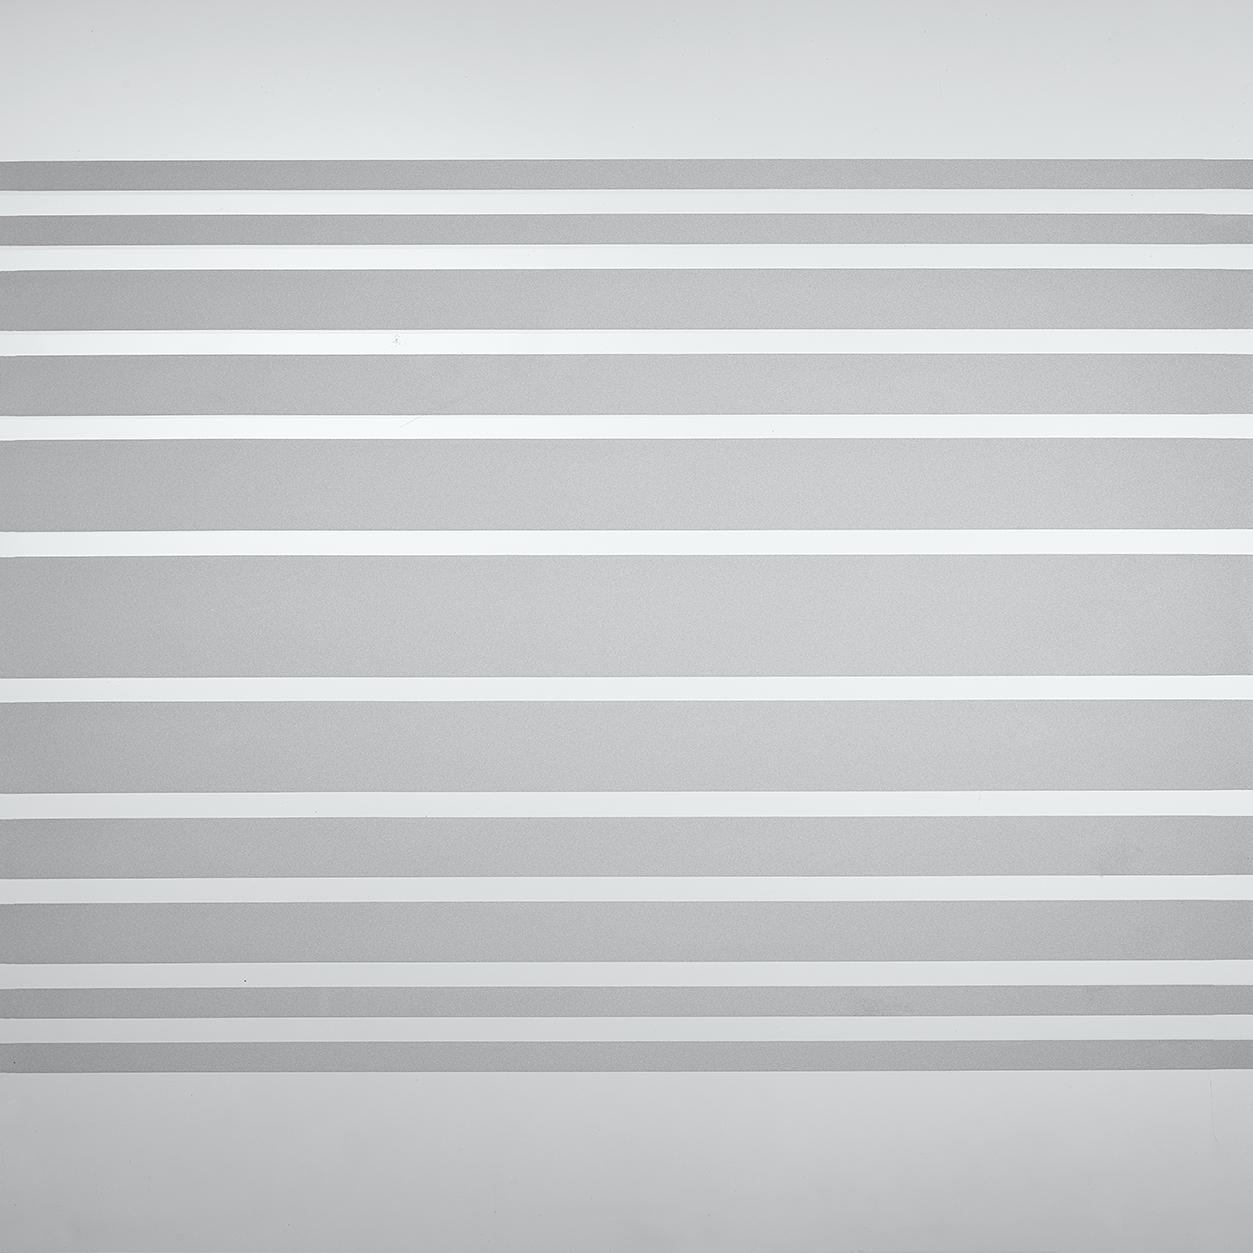 serigrafia-standard-vsh